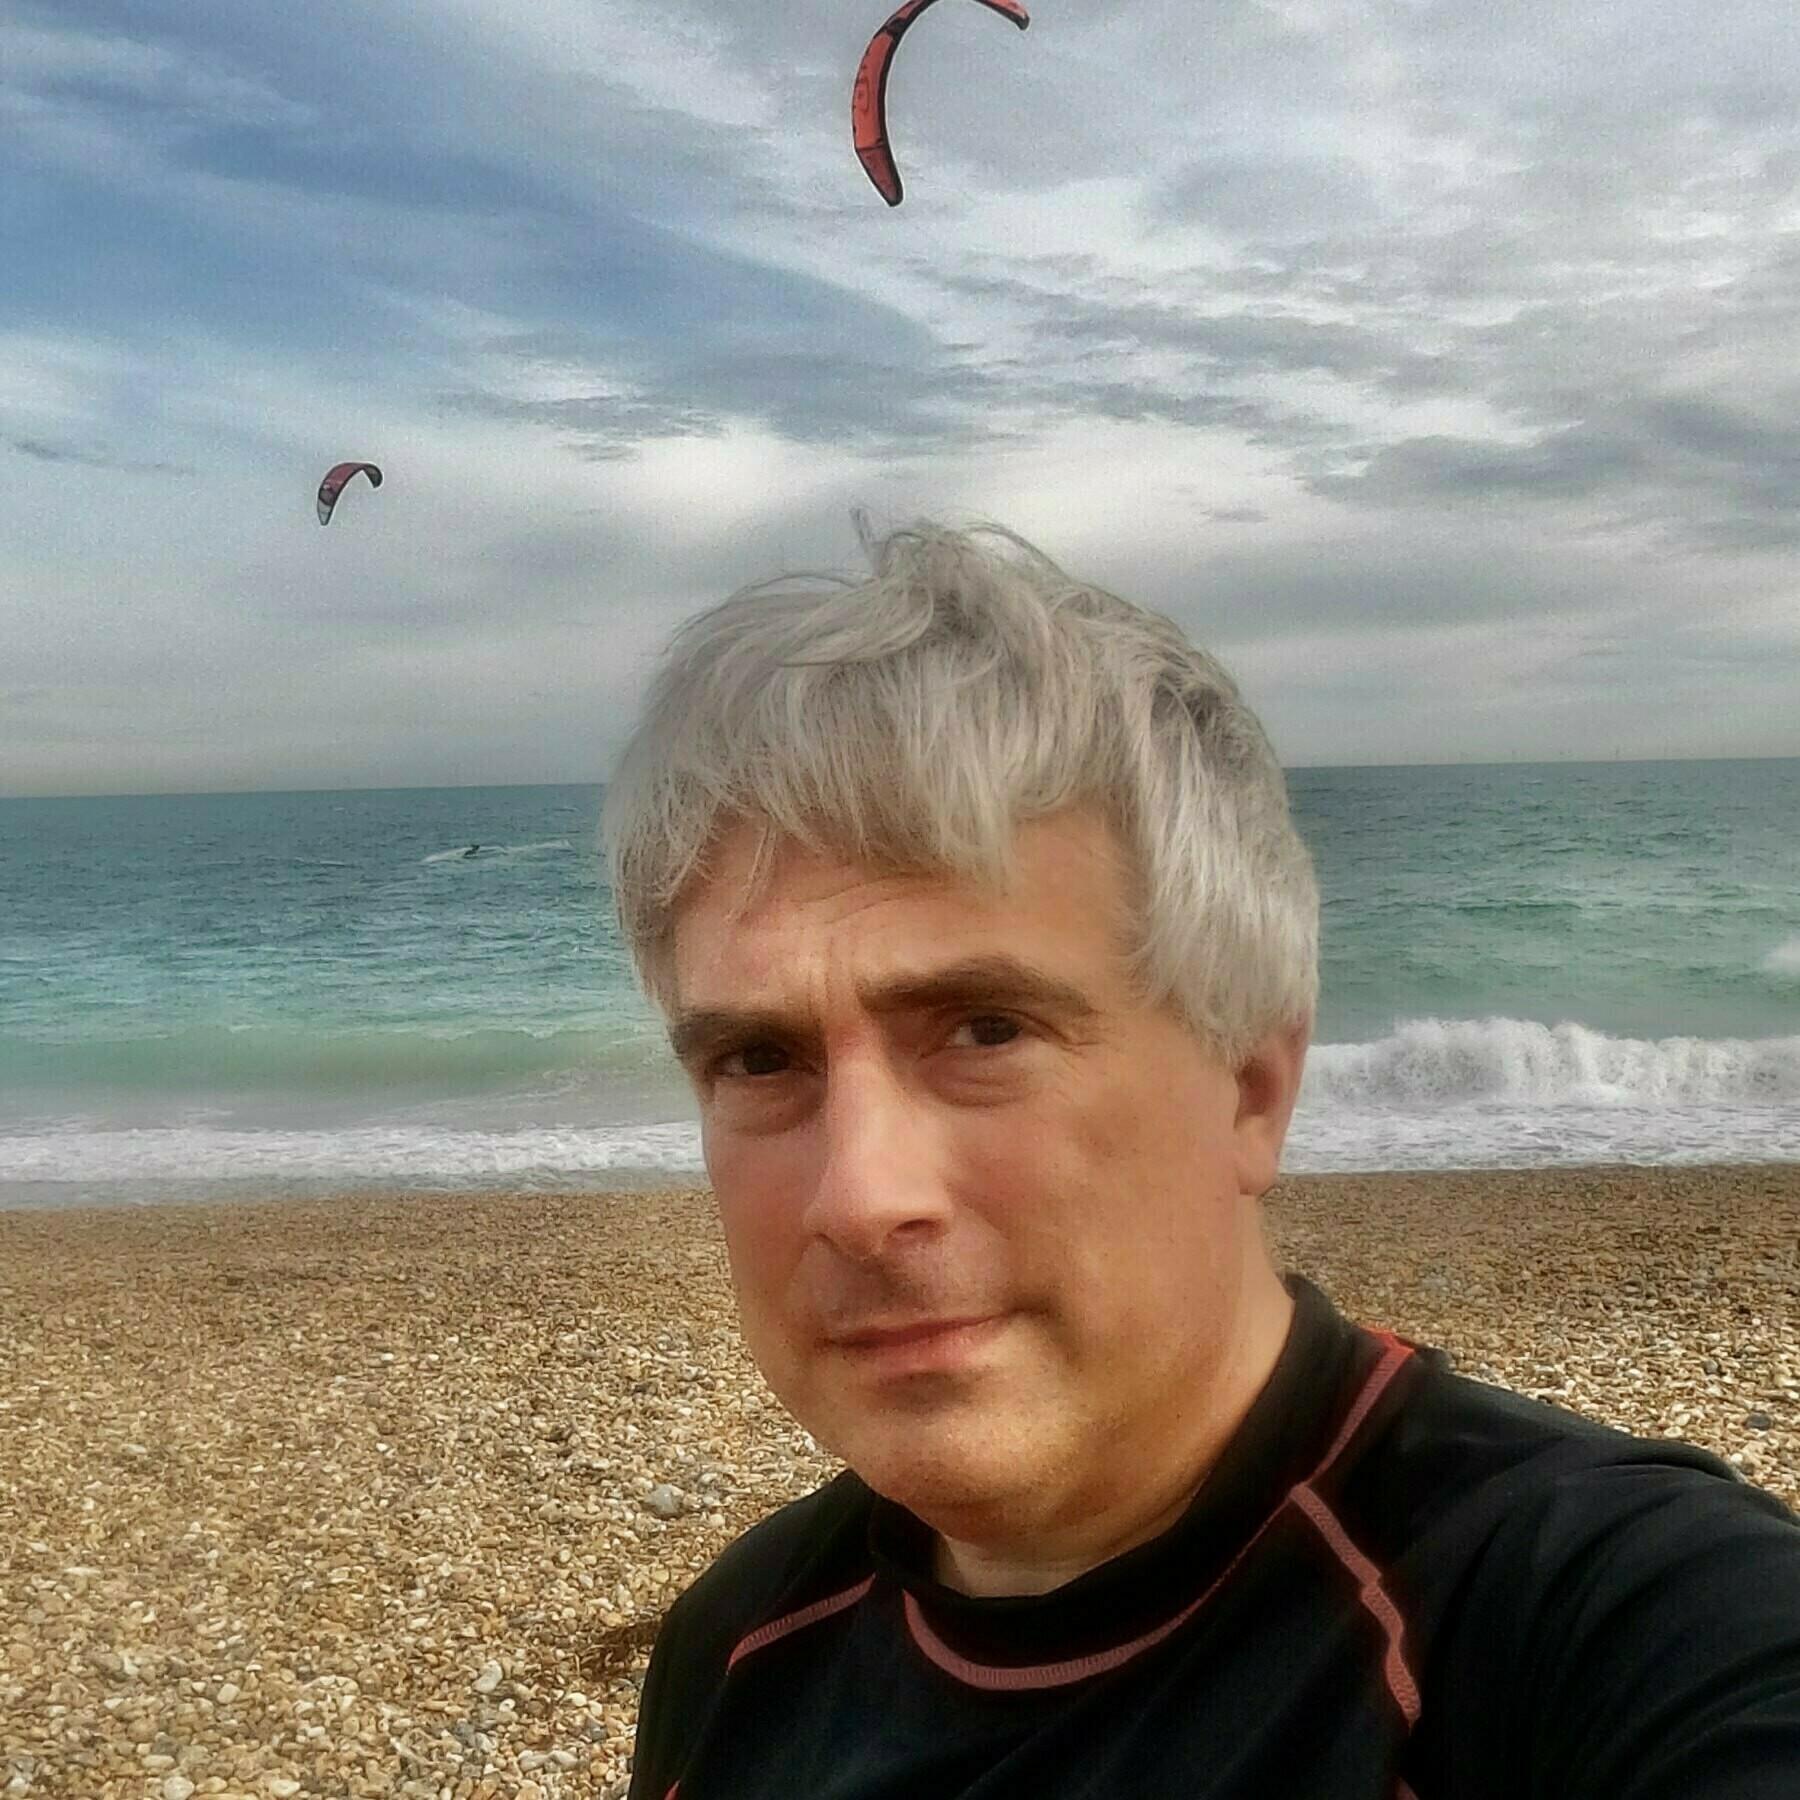 Adam Tinworth on Shoreham Beach